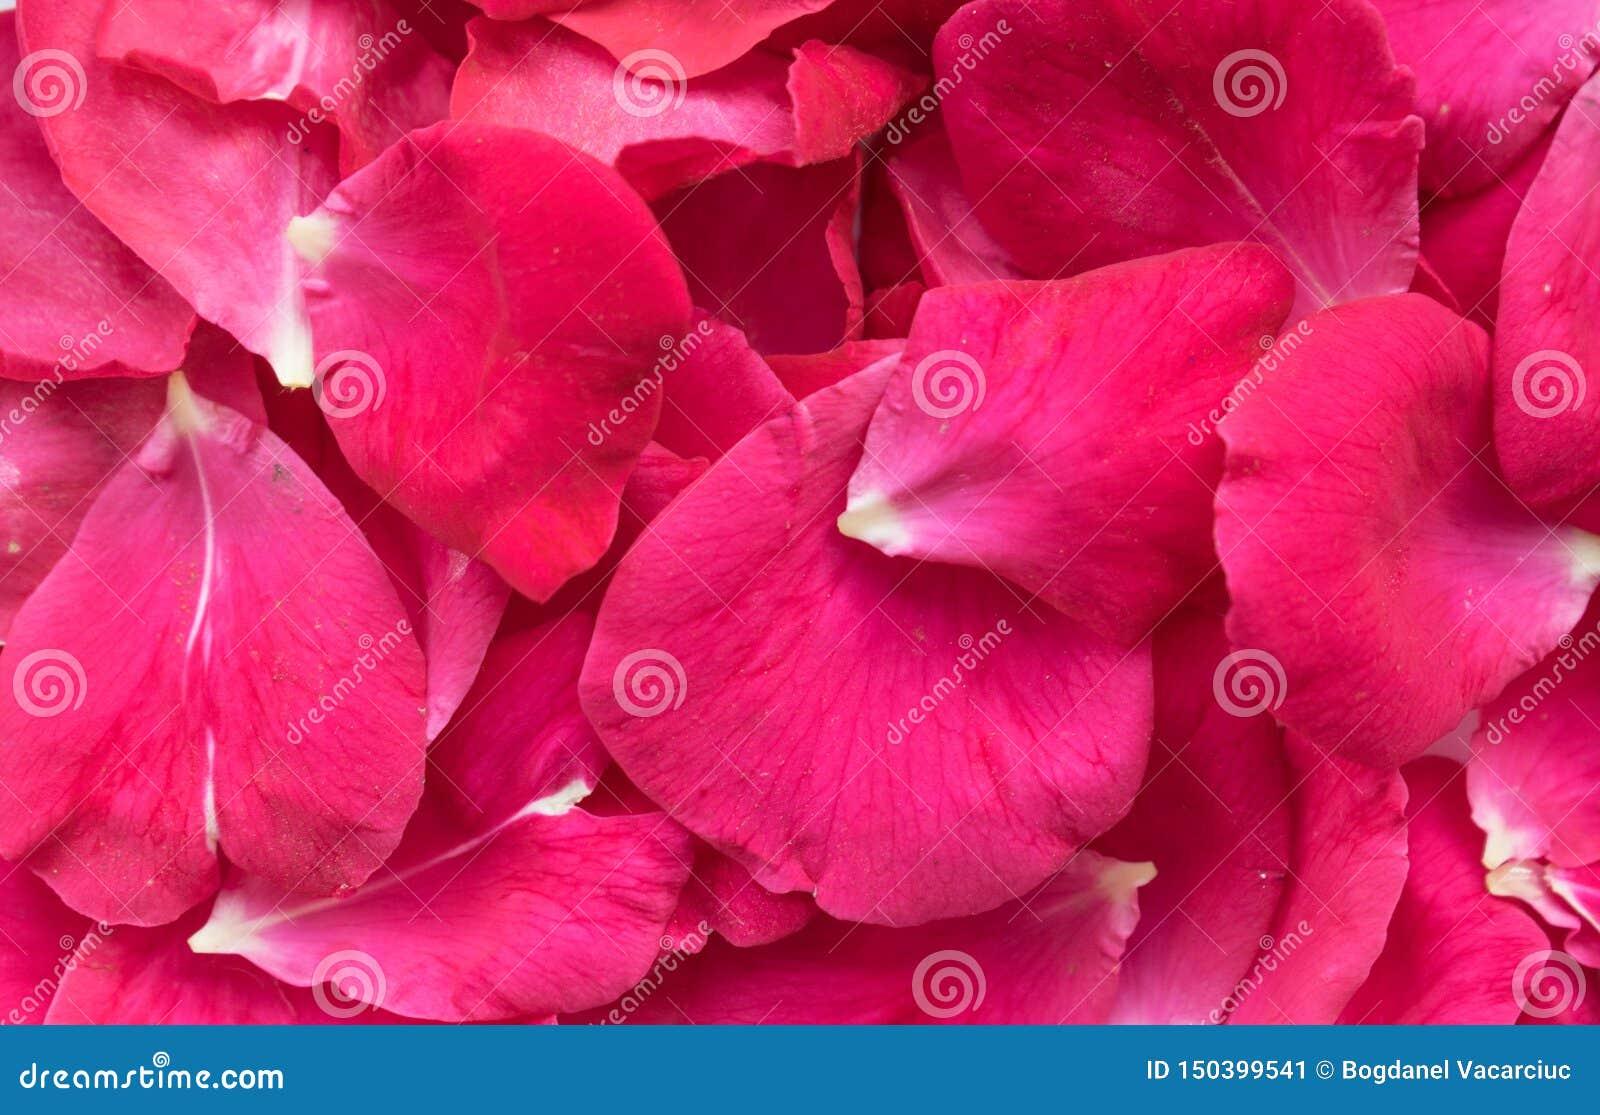 Rosen-Blumenblätter eine schöne natürliche Dekoration